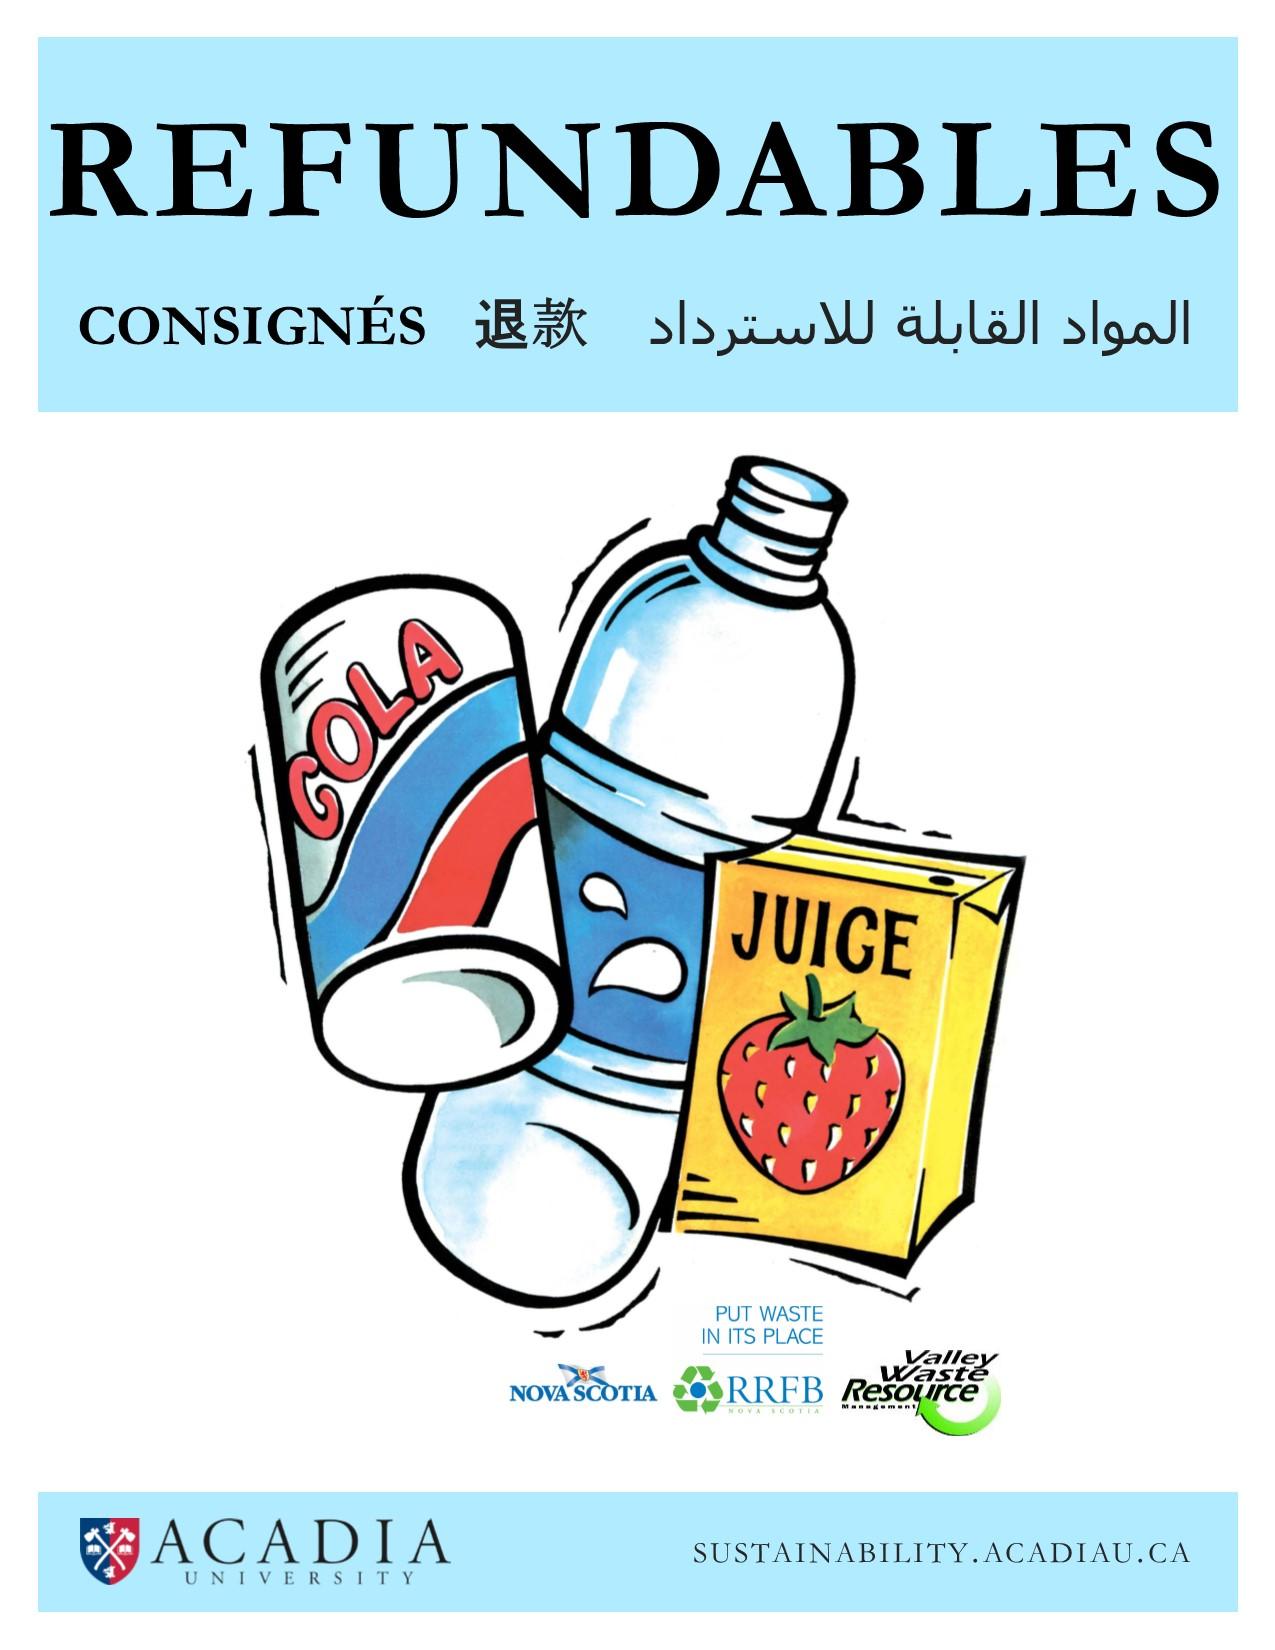 Waste Management Sustainability